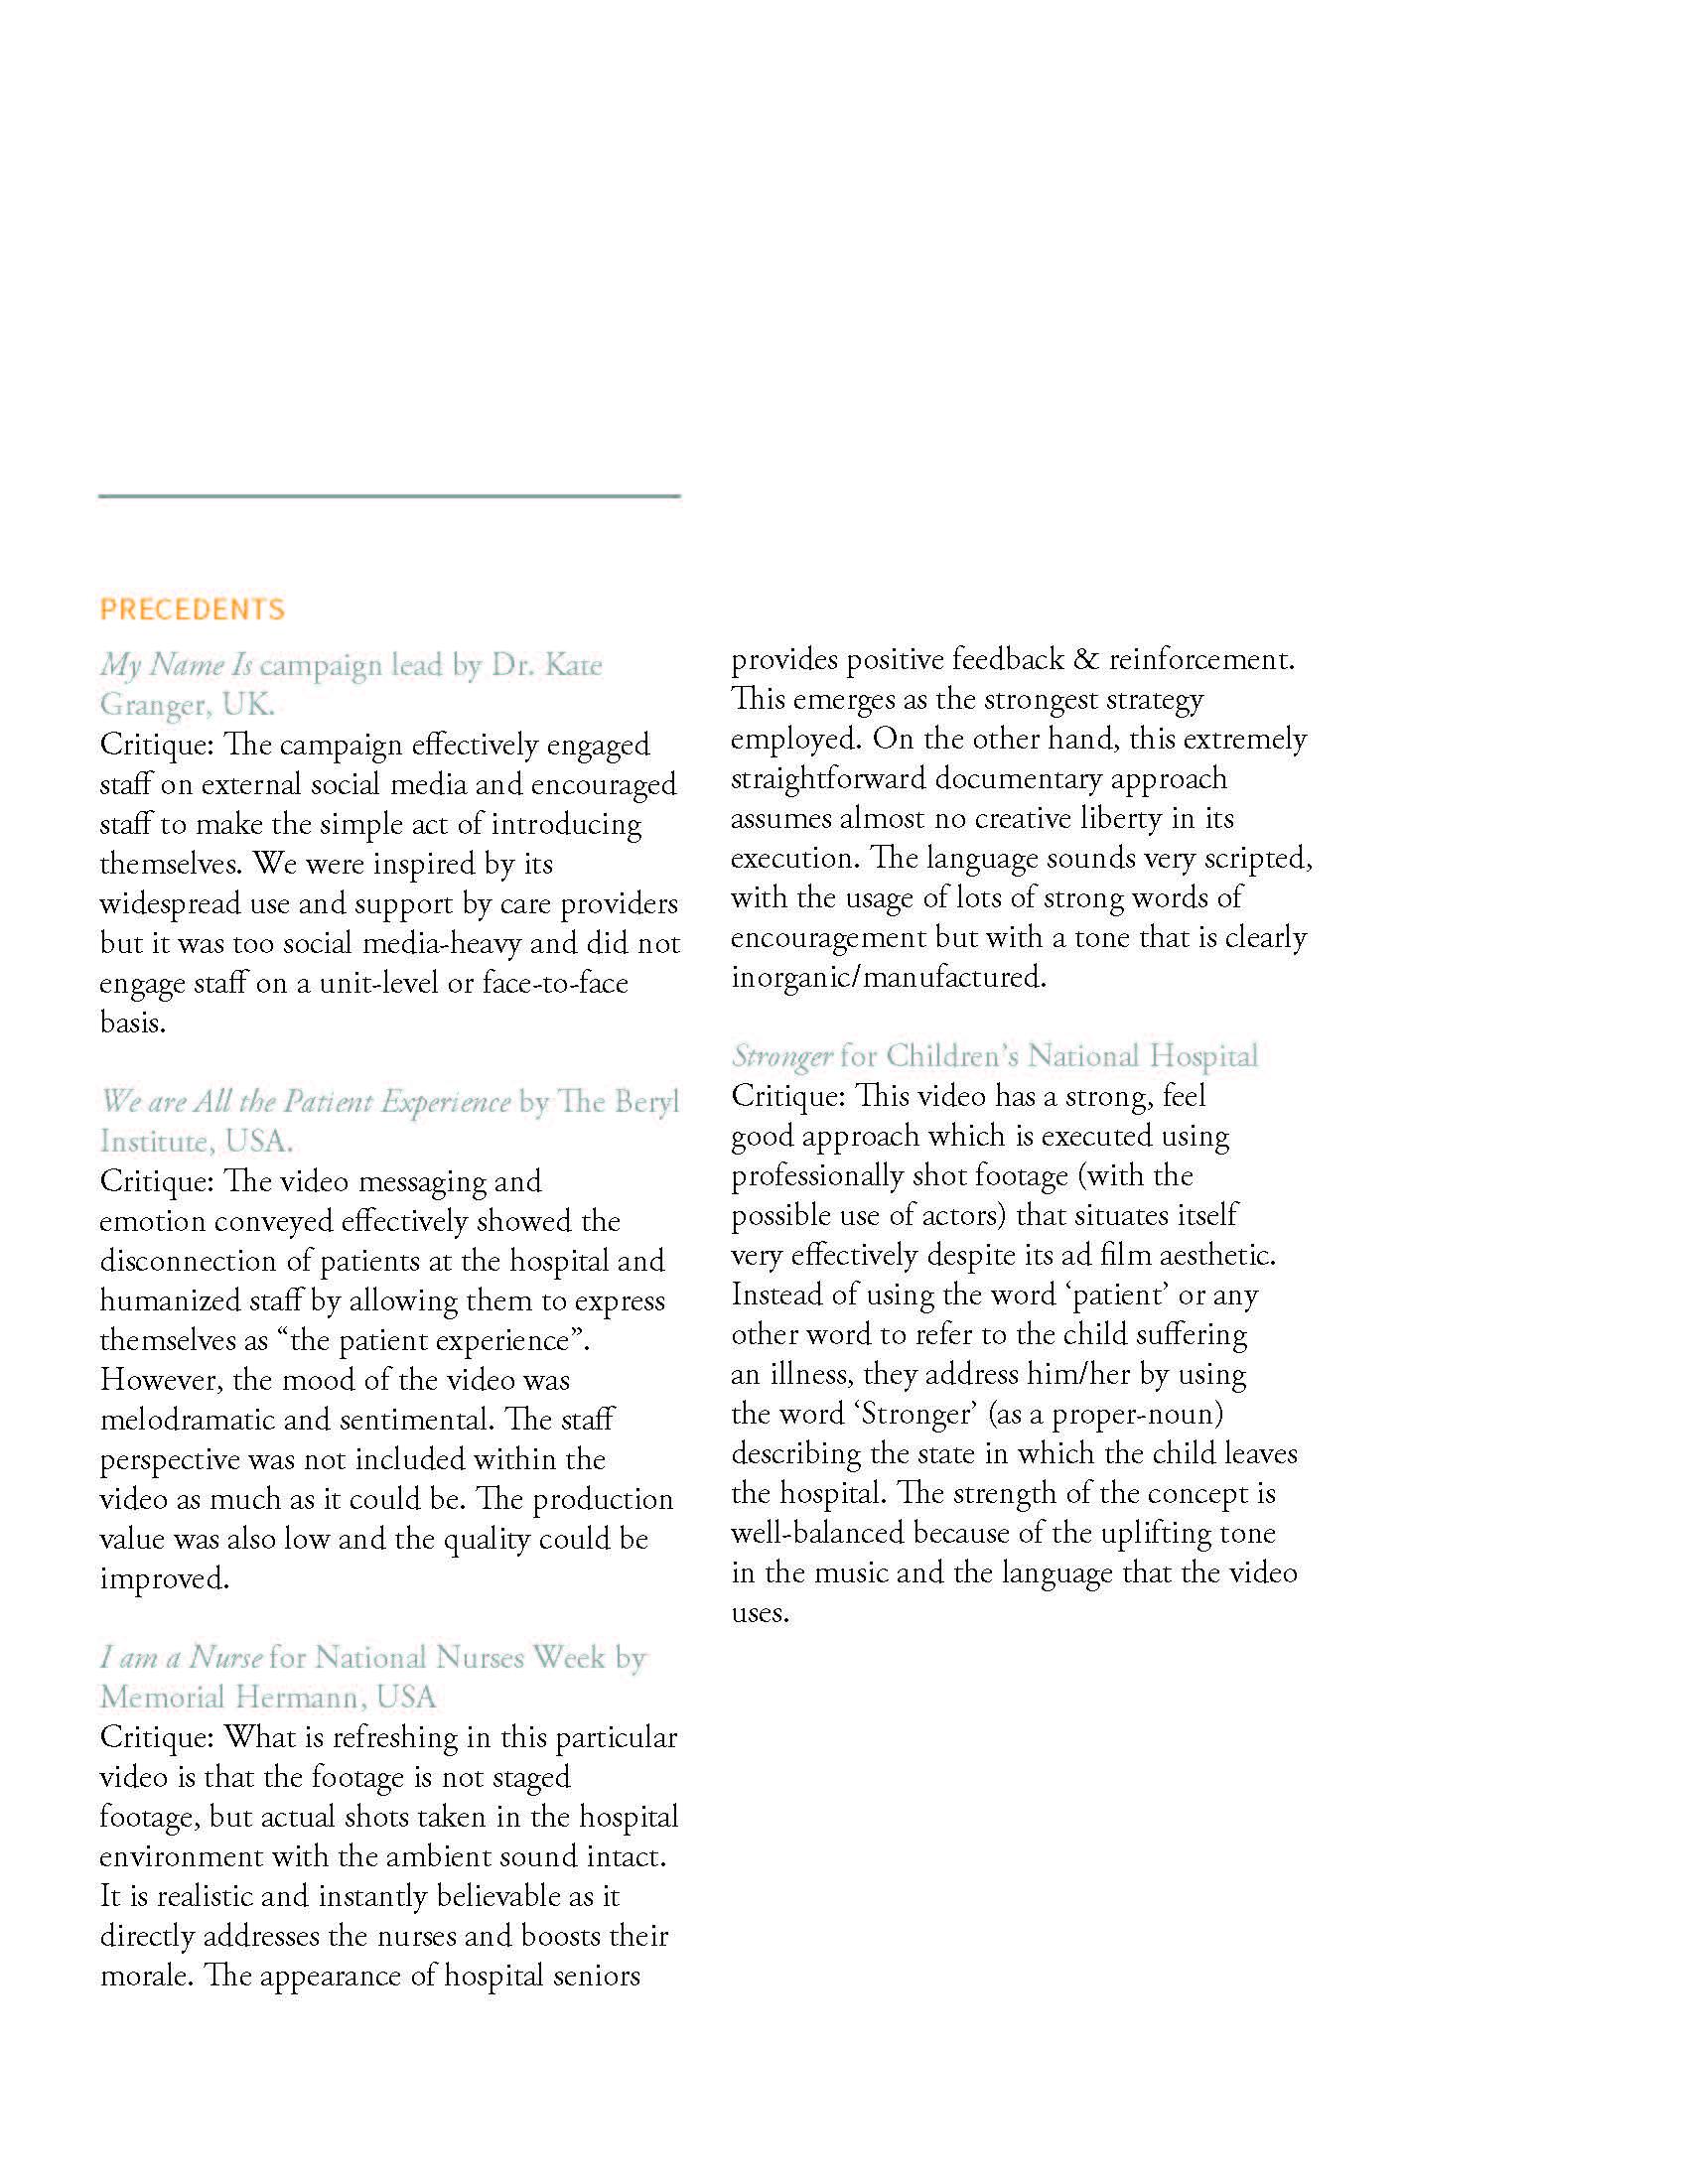 Copy of HDL_Fraser_Health_V4_Page_08.jpg